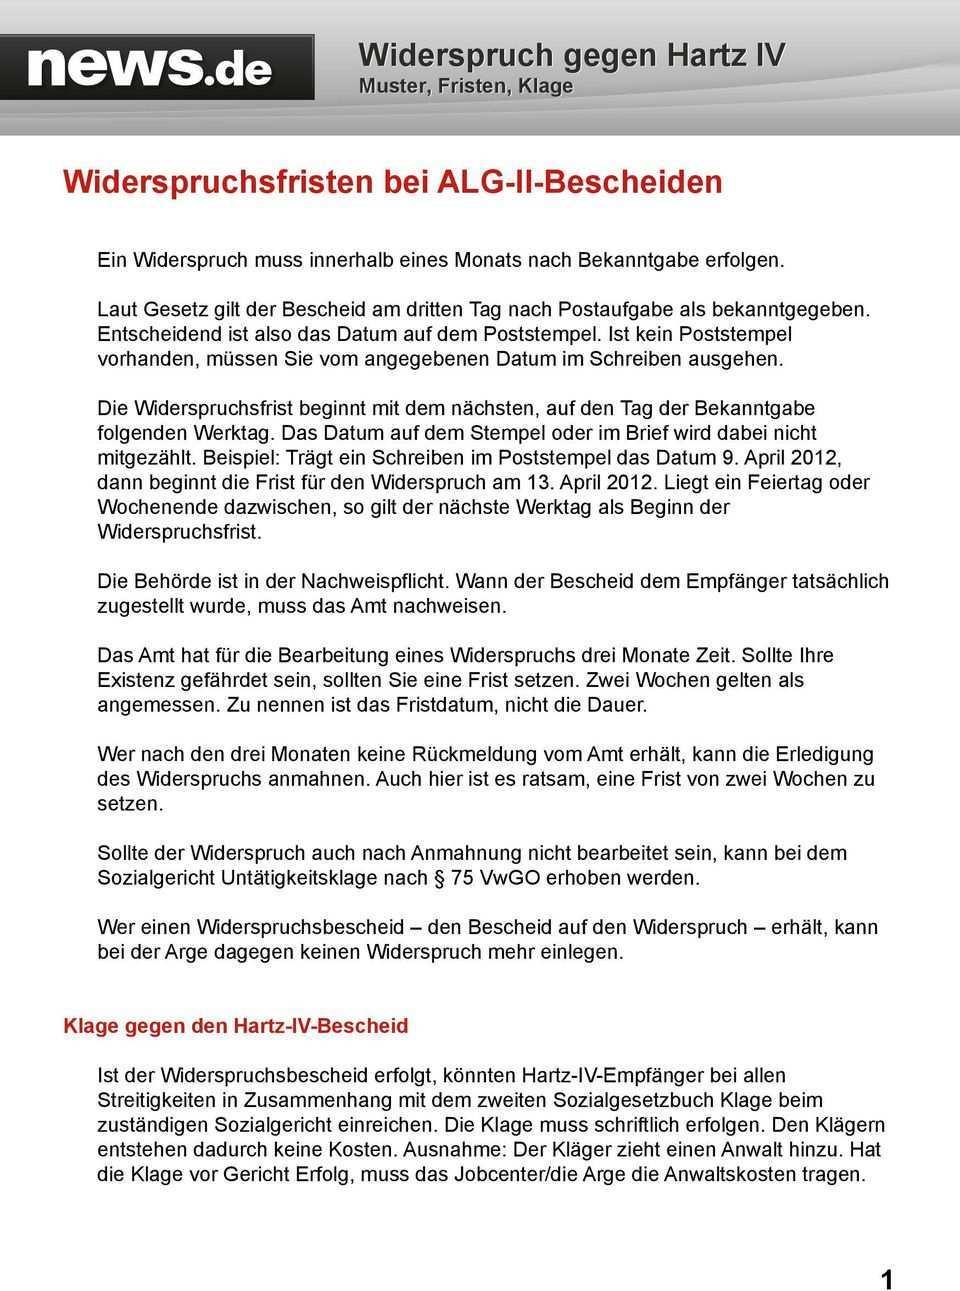 Widerspruch Gegen Hartz Iv Muster Fristen Klage Pdf Kostenfreier Download